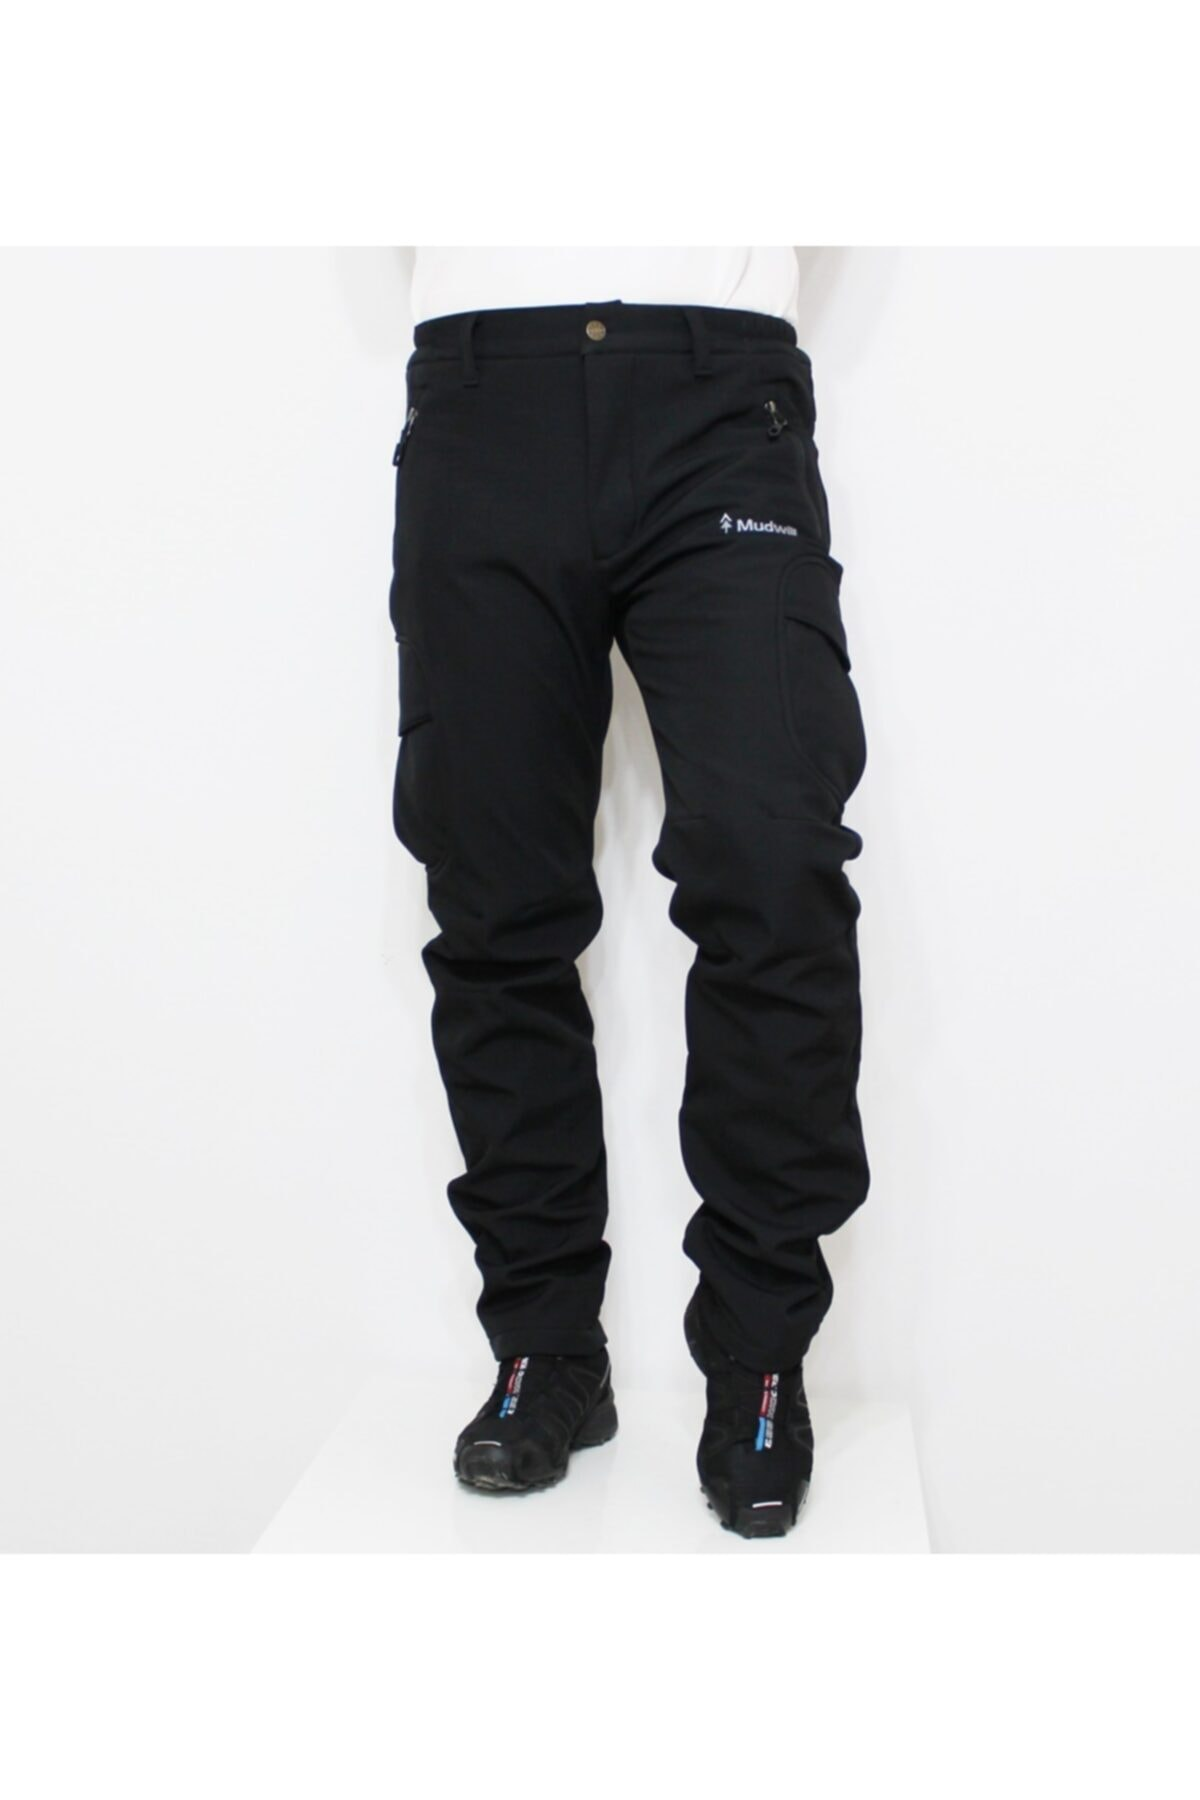 Mudwill Softshell Erkek Pantolon Siyah 300201 1